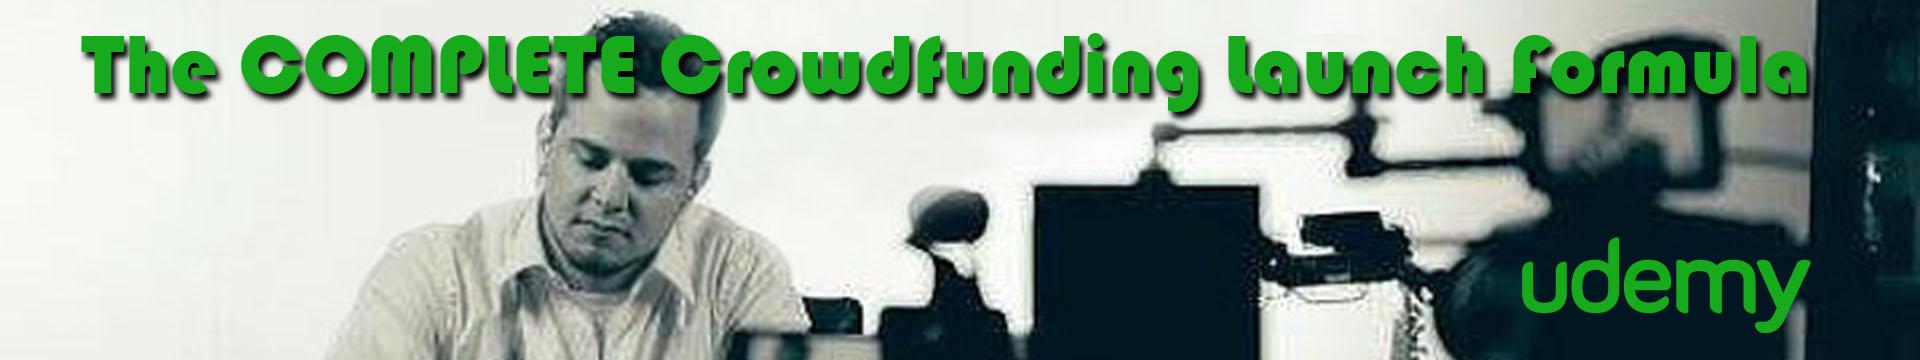 Udemy Crowdfunding Banner